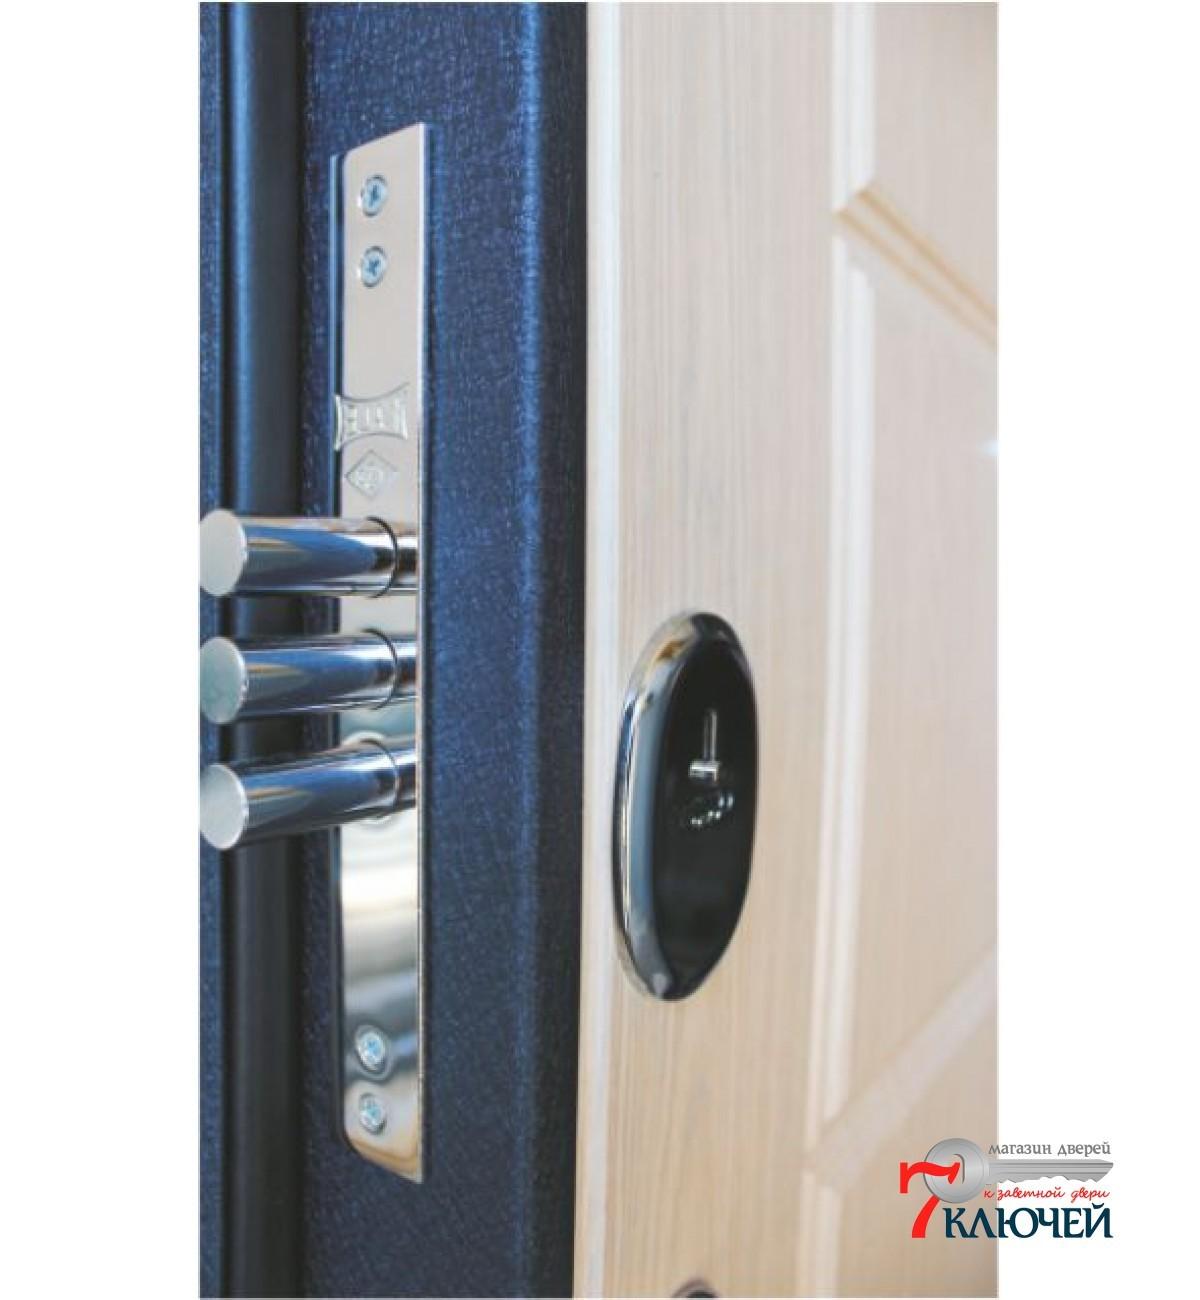 купить дверь металлическую оптима